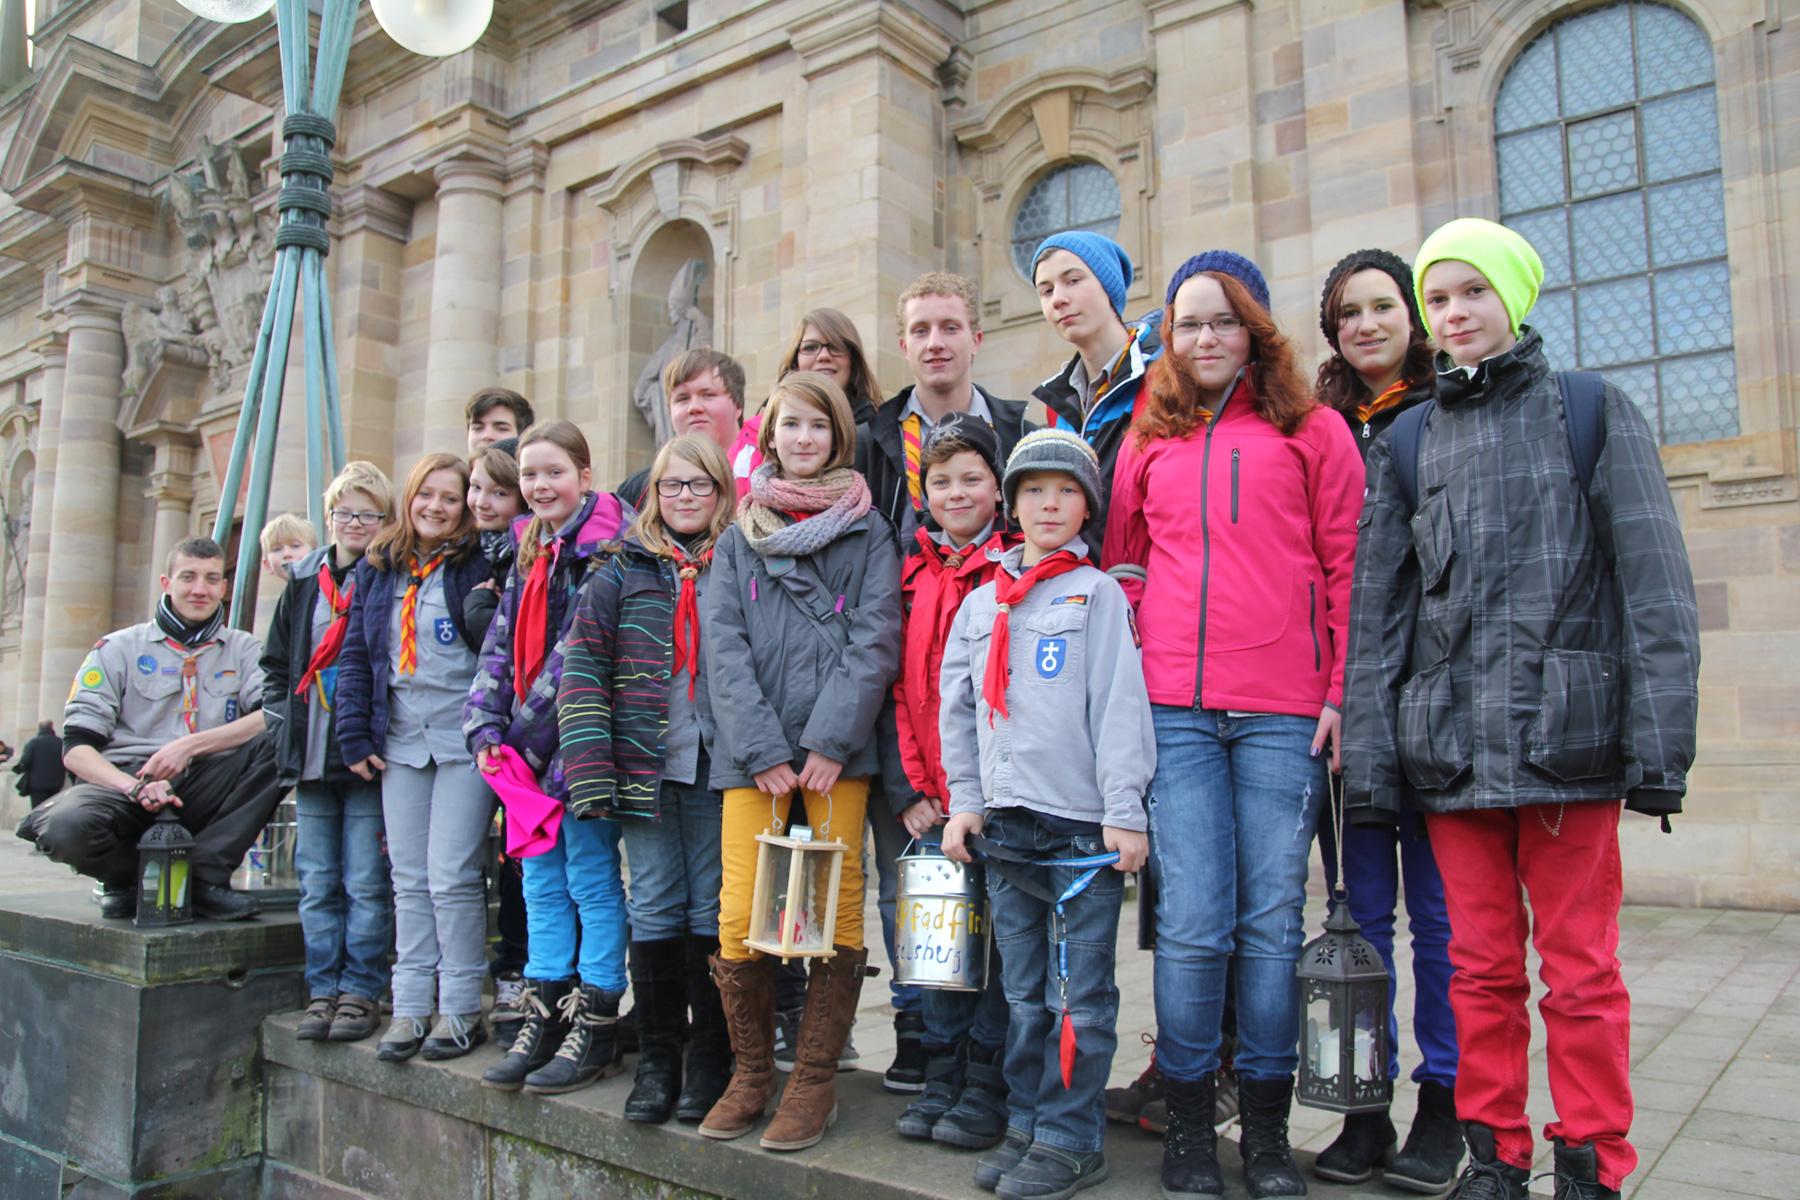 friedenslicht-fulda-gruppe-2013